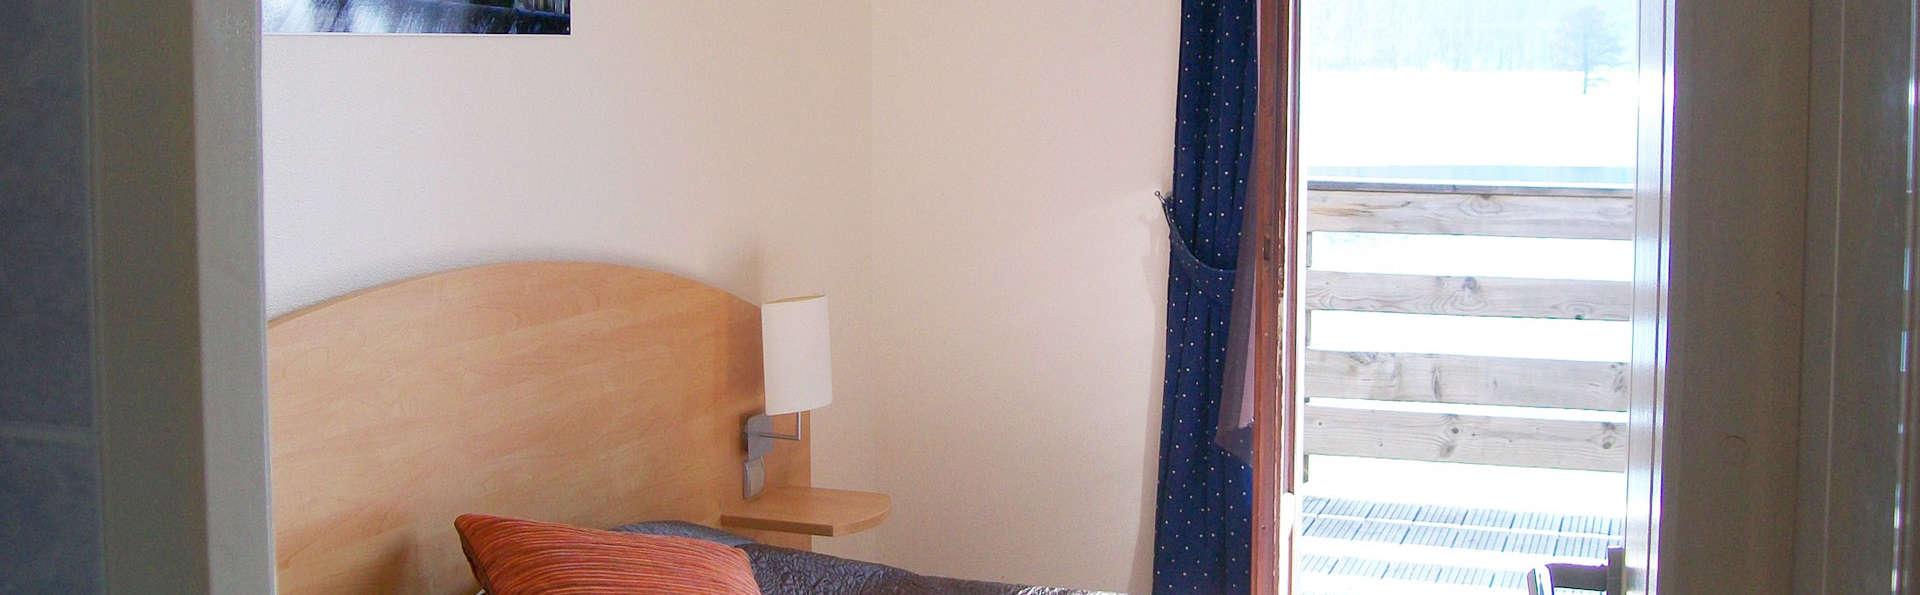 Hôtel Lac des Graves  - EDIT_room.jpg